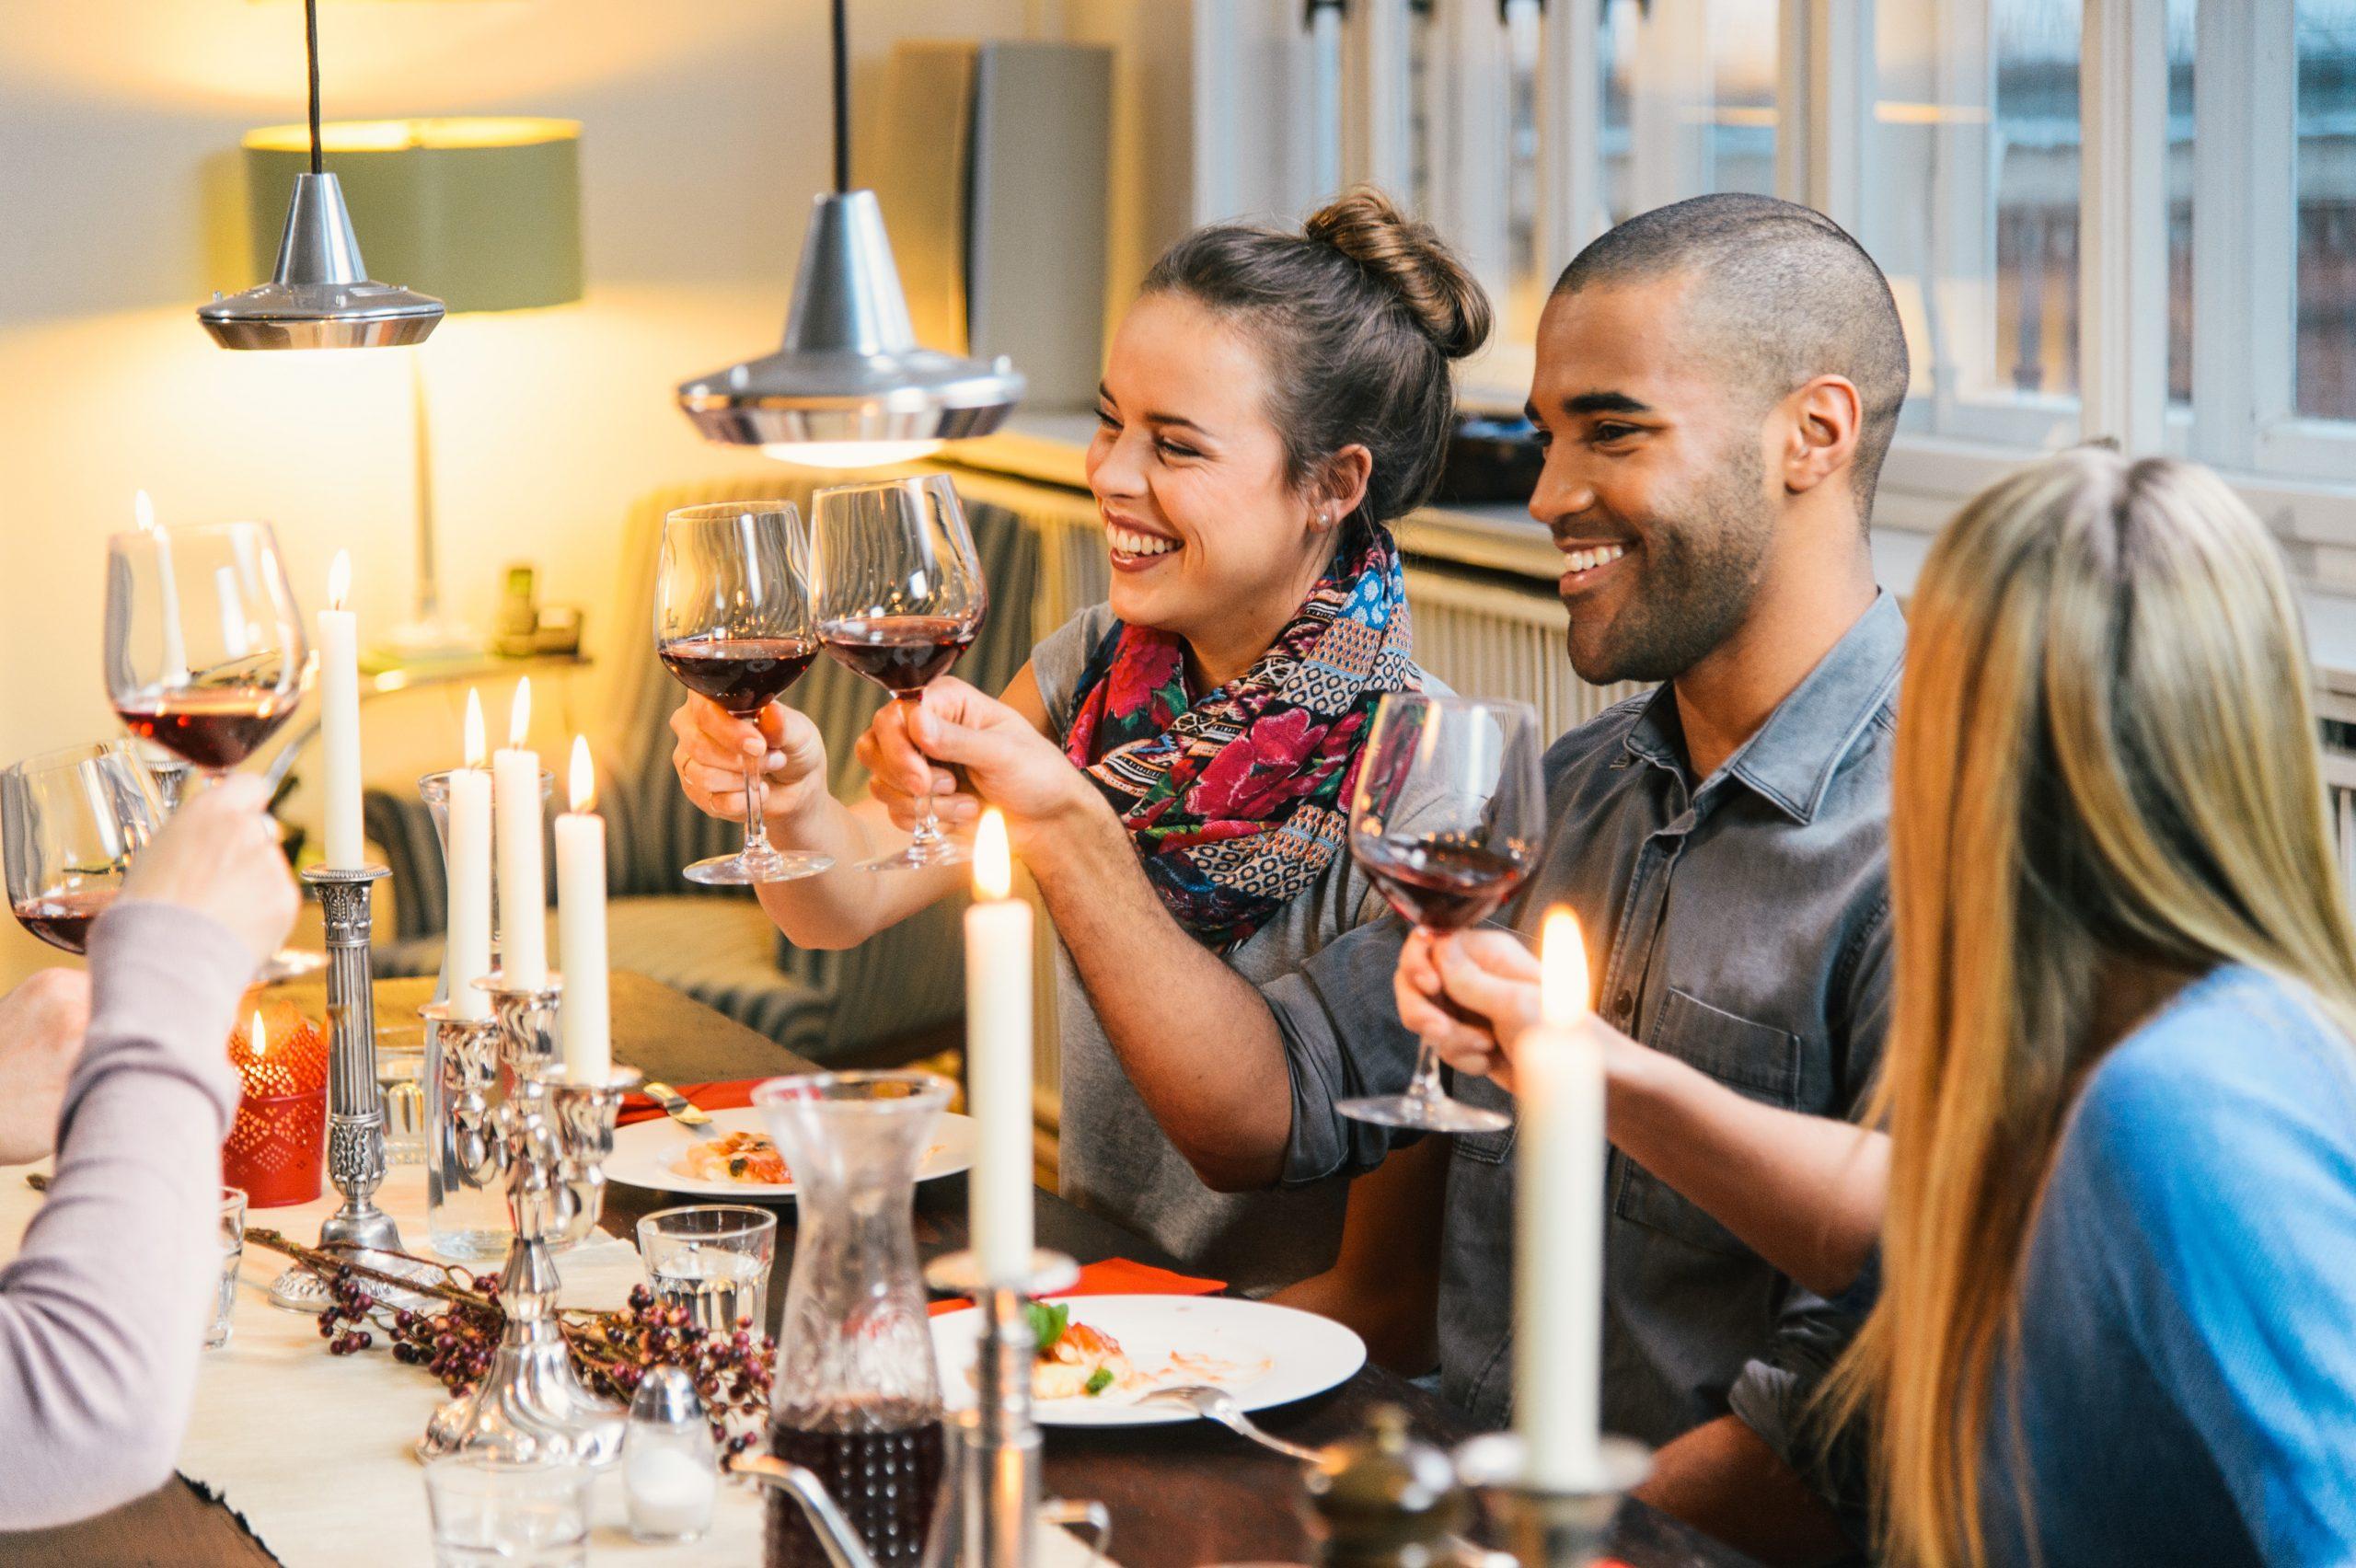 Soziale Genüsse: Ein schönes Abendessen mit Freunden ist fast immer ein tolles Erlebnis.